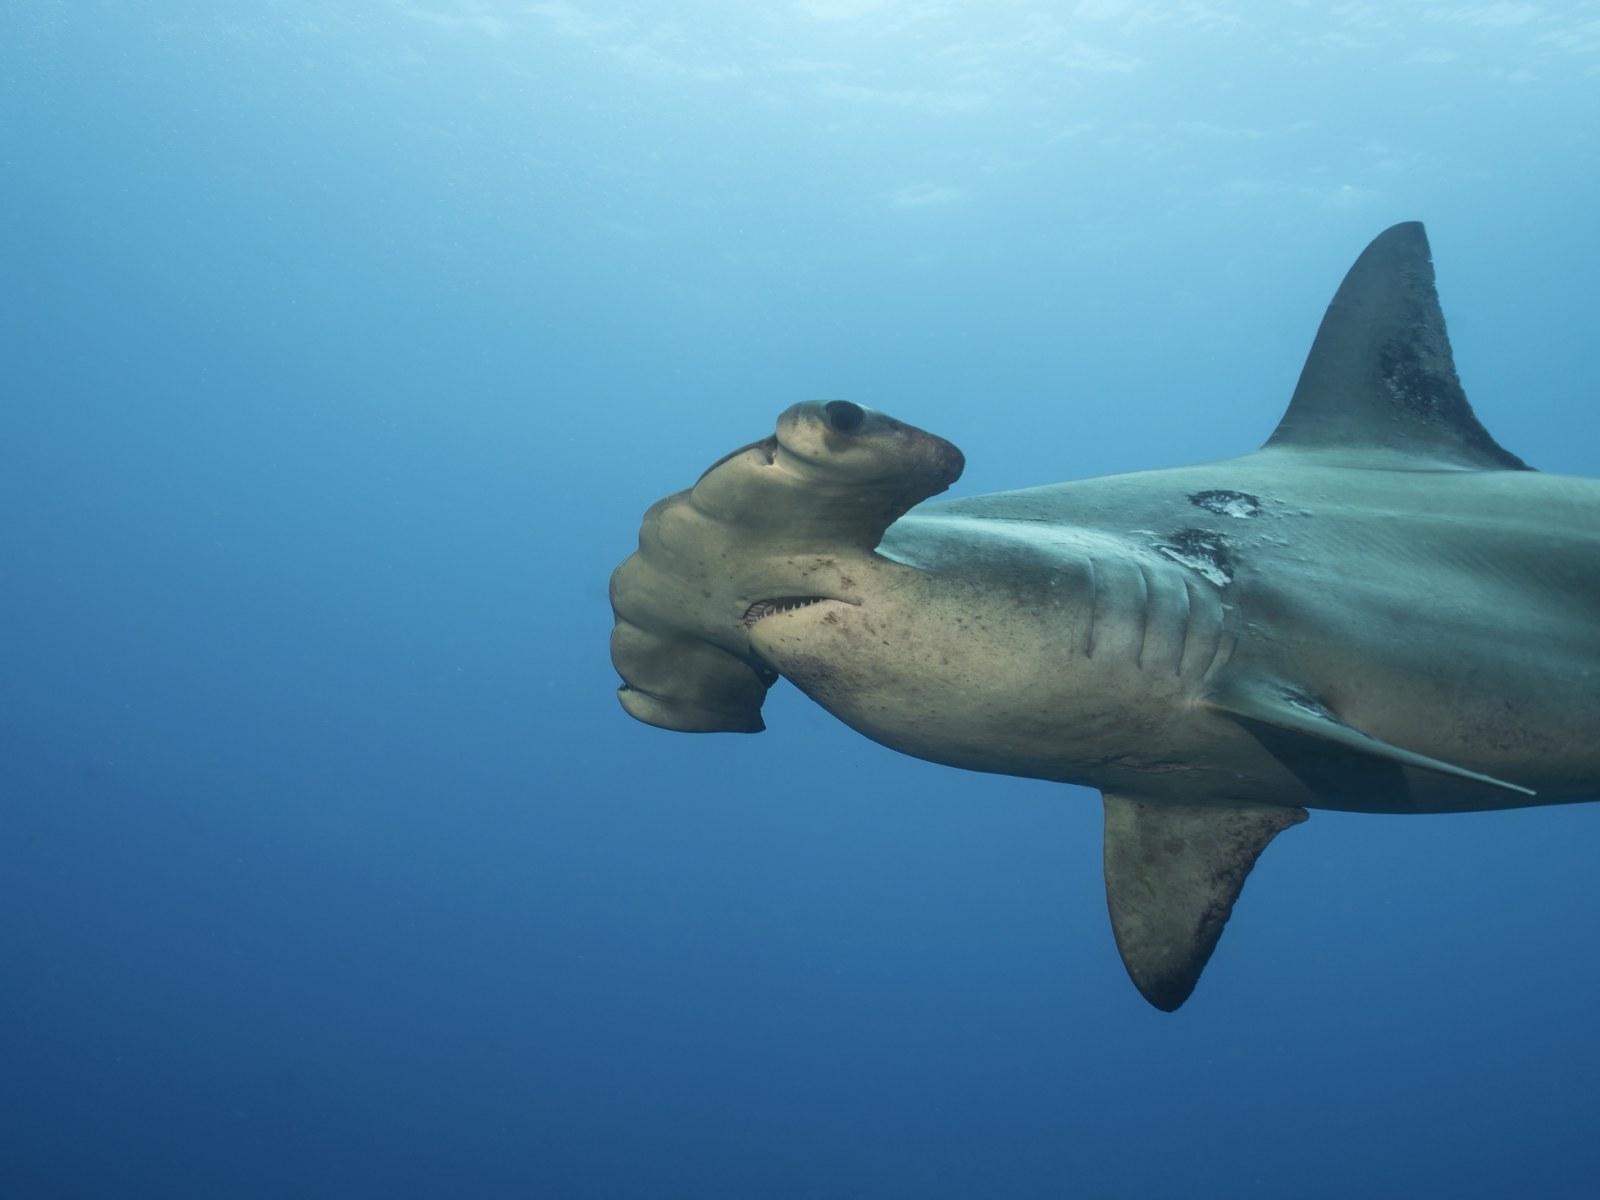 Shark Filmed Lurking Mere Feet Away From North Carolina Surfer